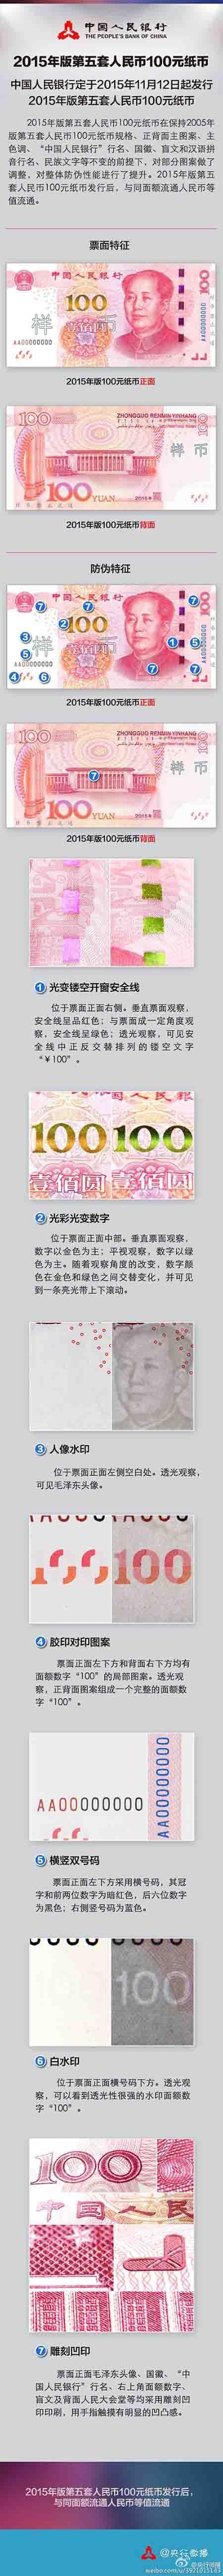 央行将发行2015年版第五套人民币100元纸币 - 逍遥客 - 逍遥客